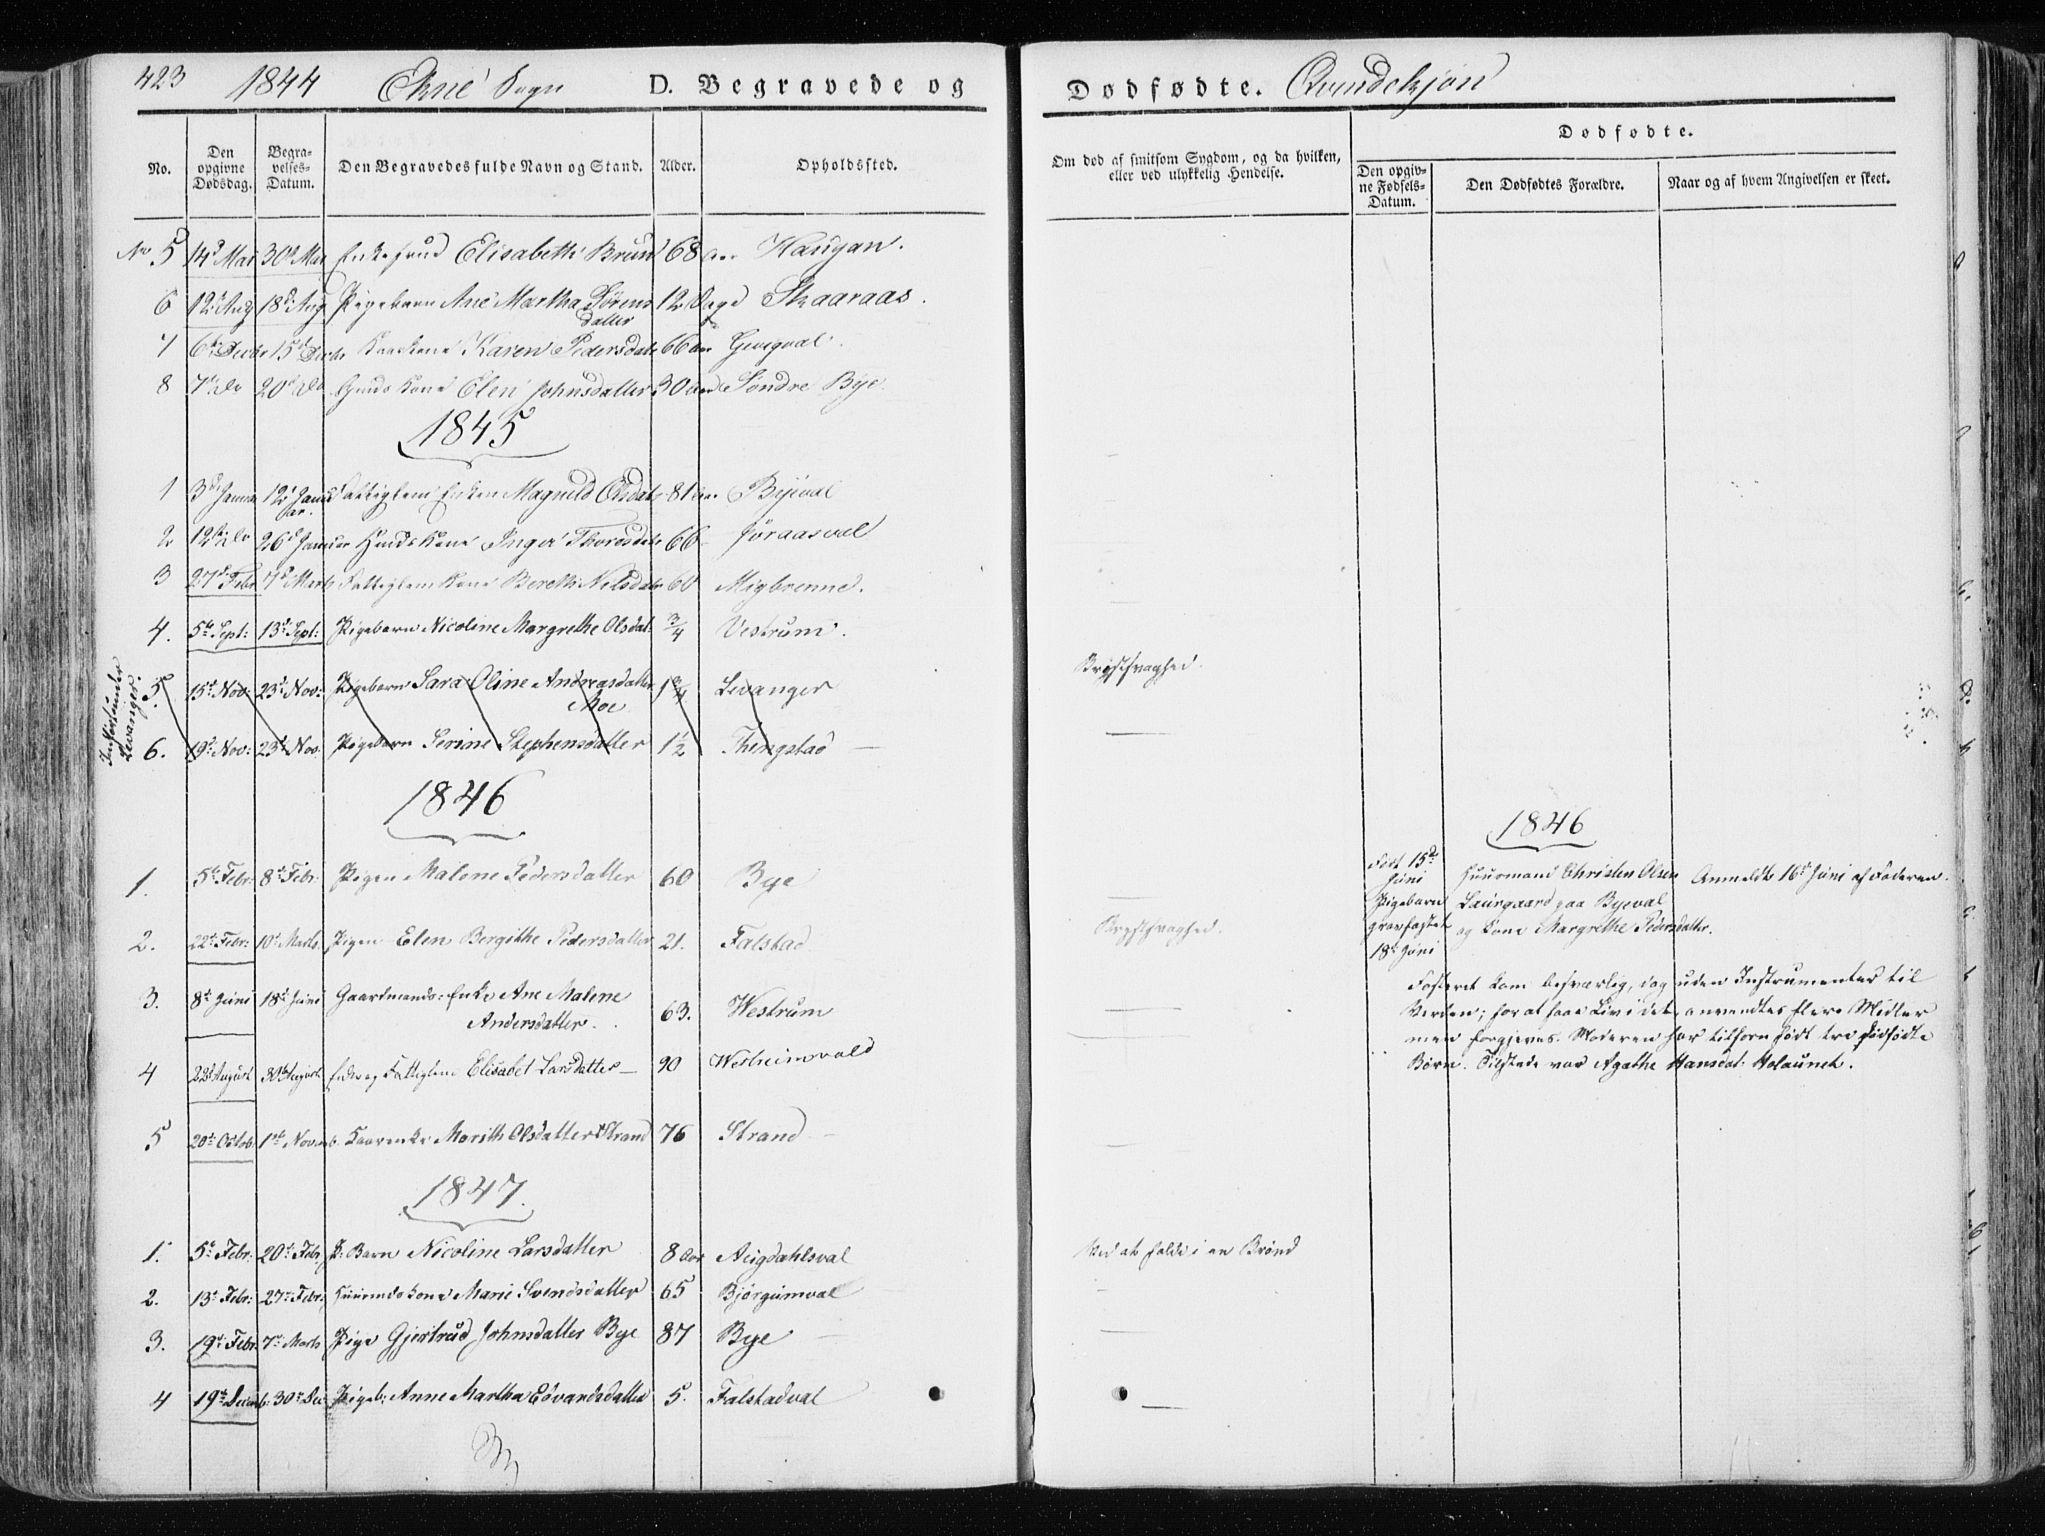 SAT, Ministerialprotokoller, klokkerbøker og fødselsregistre - Nord-Trøndelag, 717/L0154: Ministerialbok nr. 717A06 /2, 1836-1849, s. 423